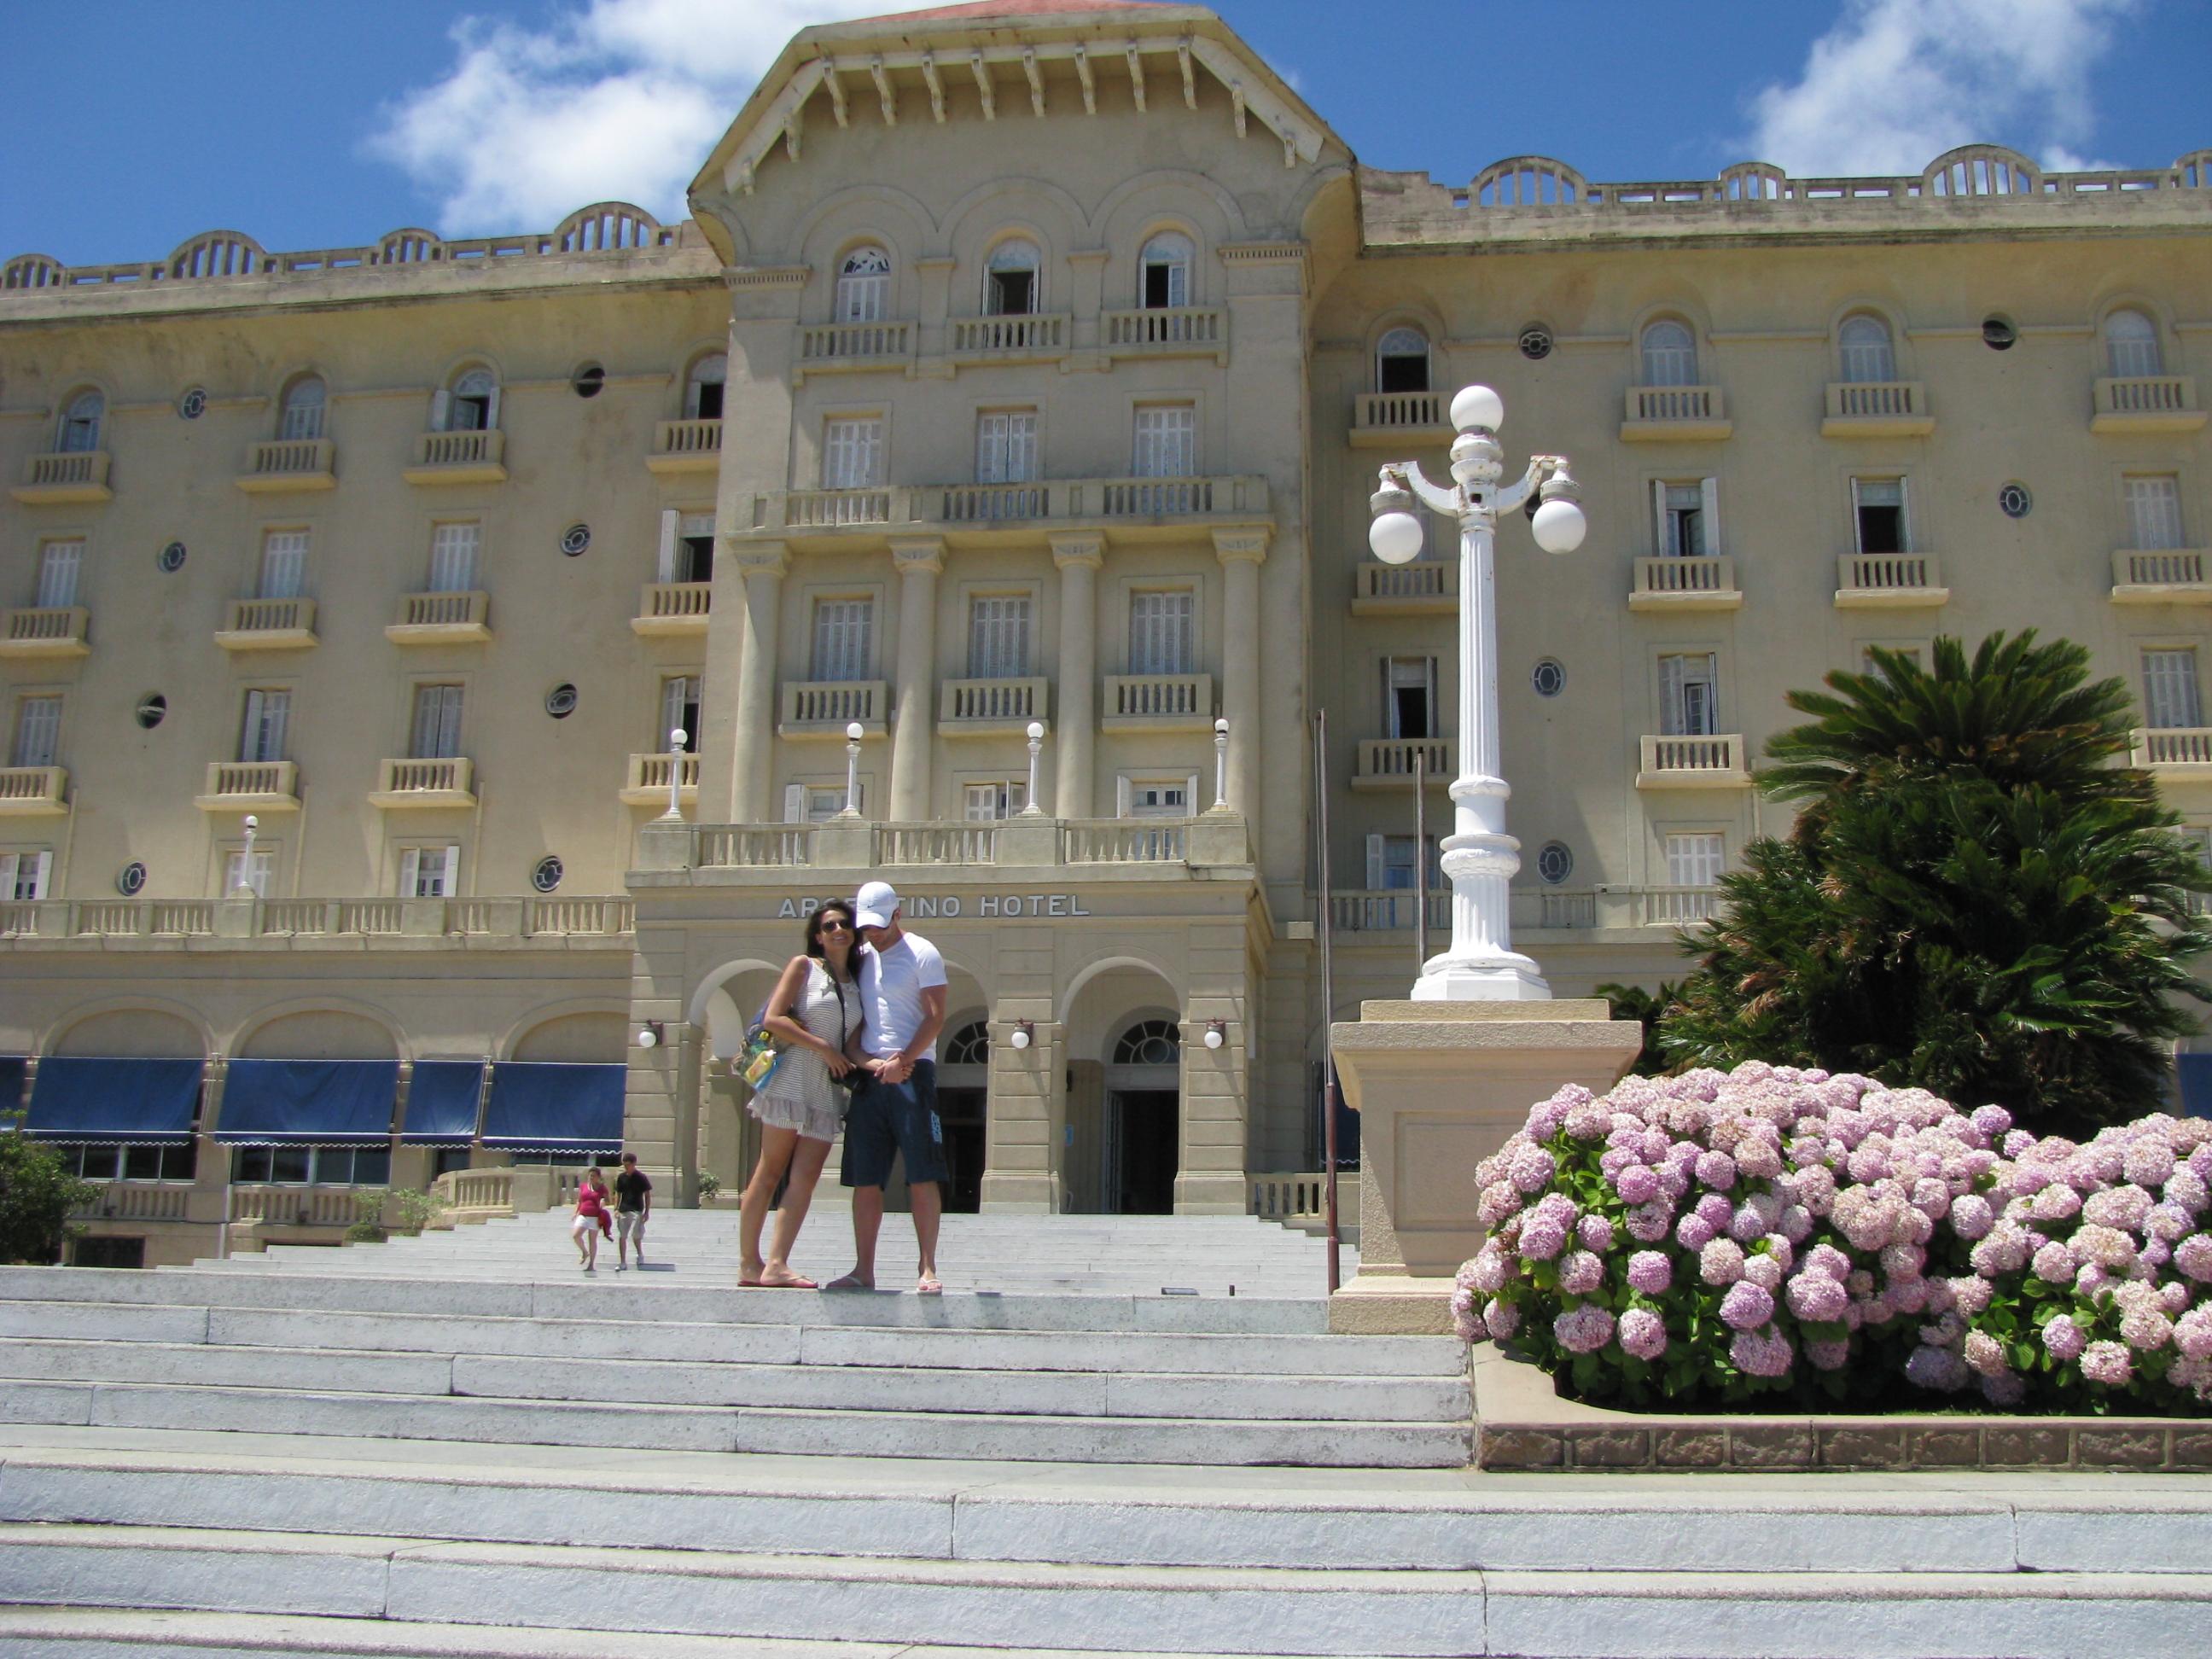 fachada do Hotel Argentino em Piriápolis Uruguai